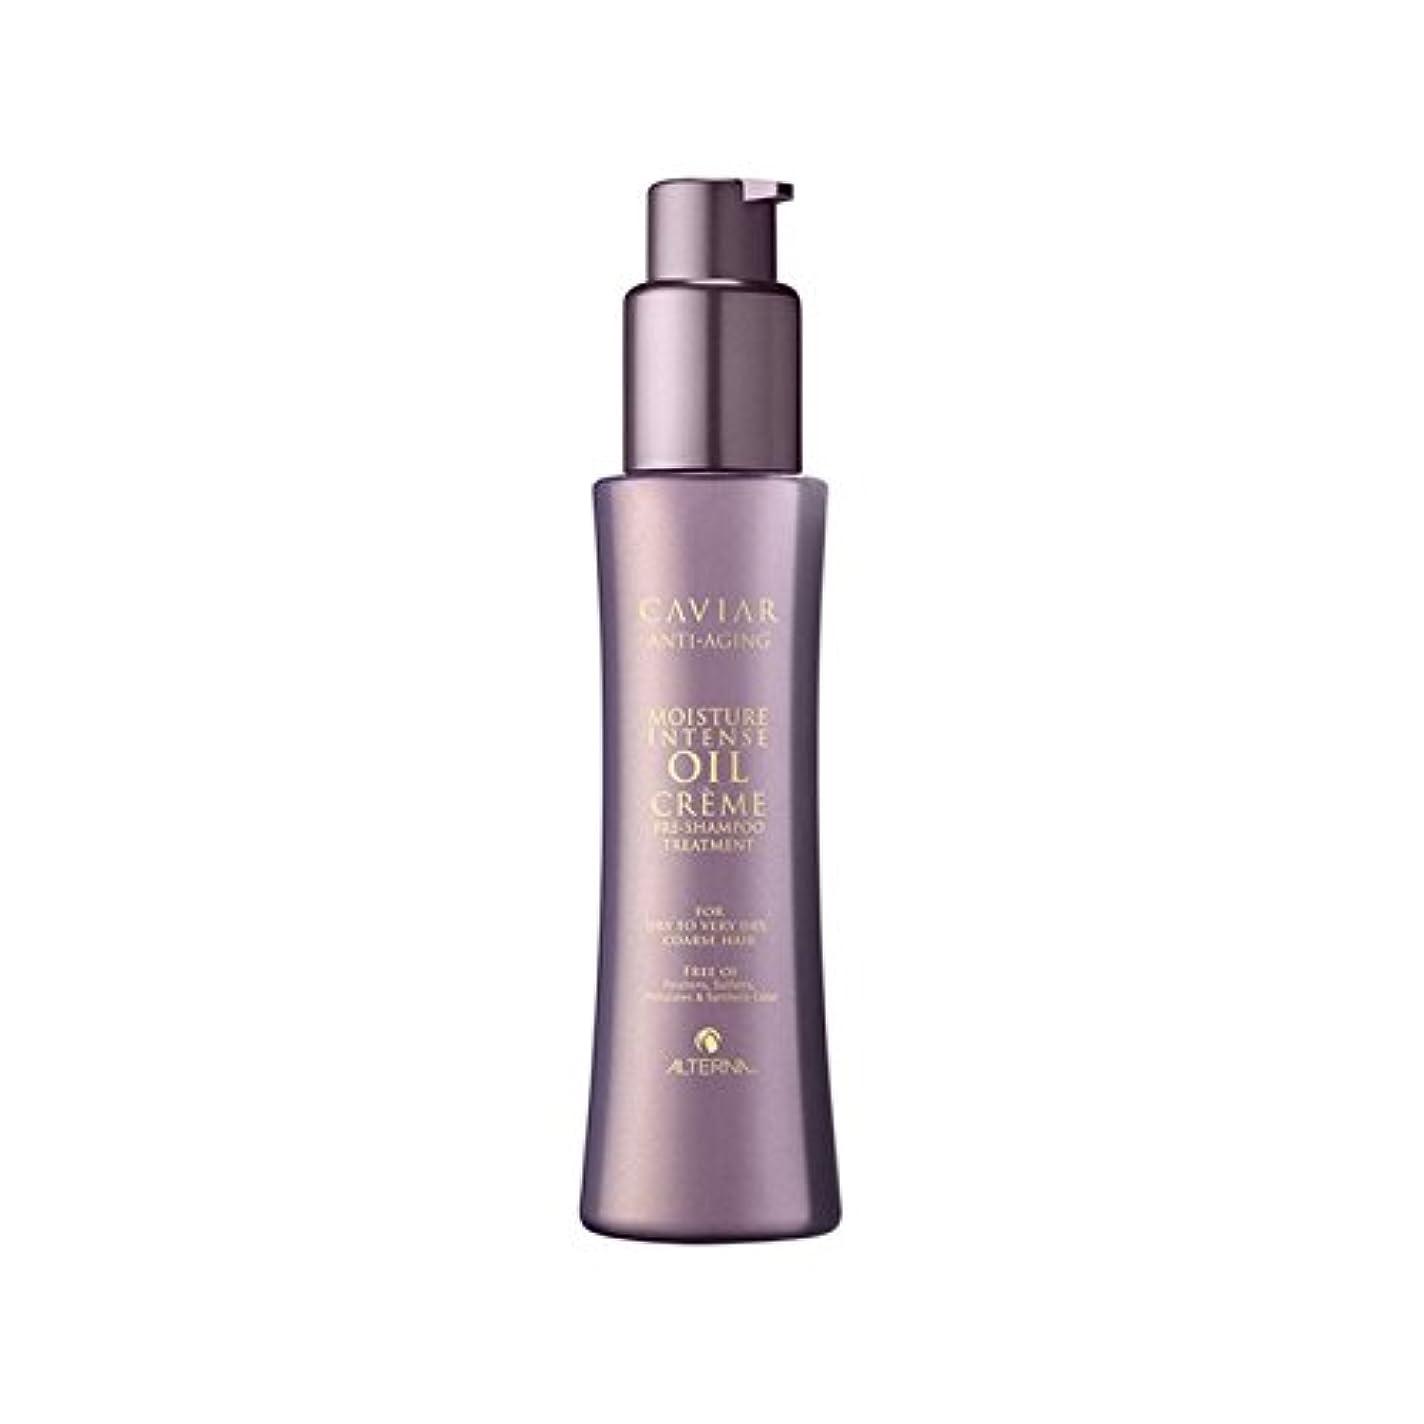 アカデミー試す少なくともオルタナキャビア水分激しいオイルクリームシャンプー前処理(125ミリリットル) x2 - Alterna Caviar Moisture Intense Oil Cr?me Pre-Shampoo Treatment (125ml) (Pack of 2) [並行輸入品]